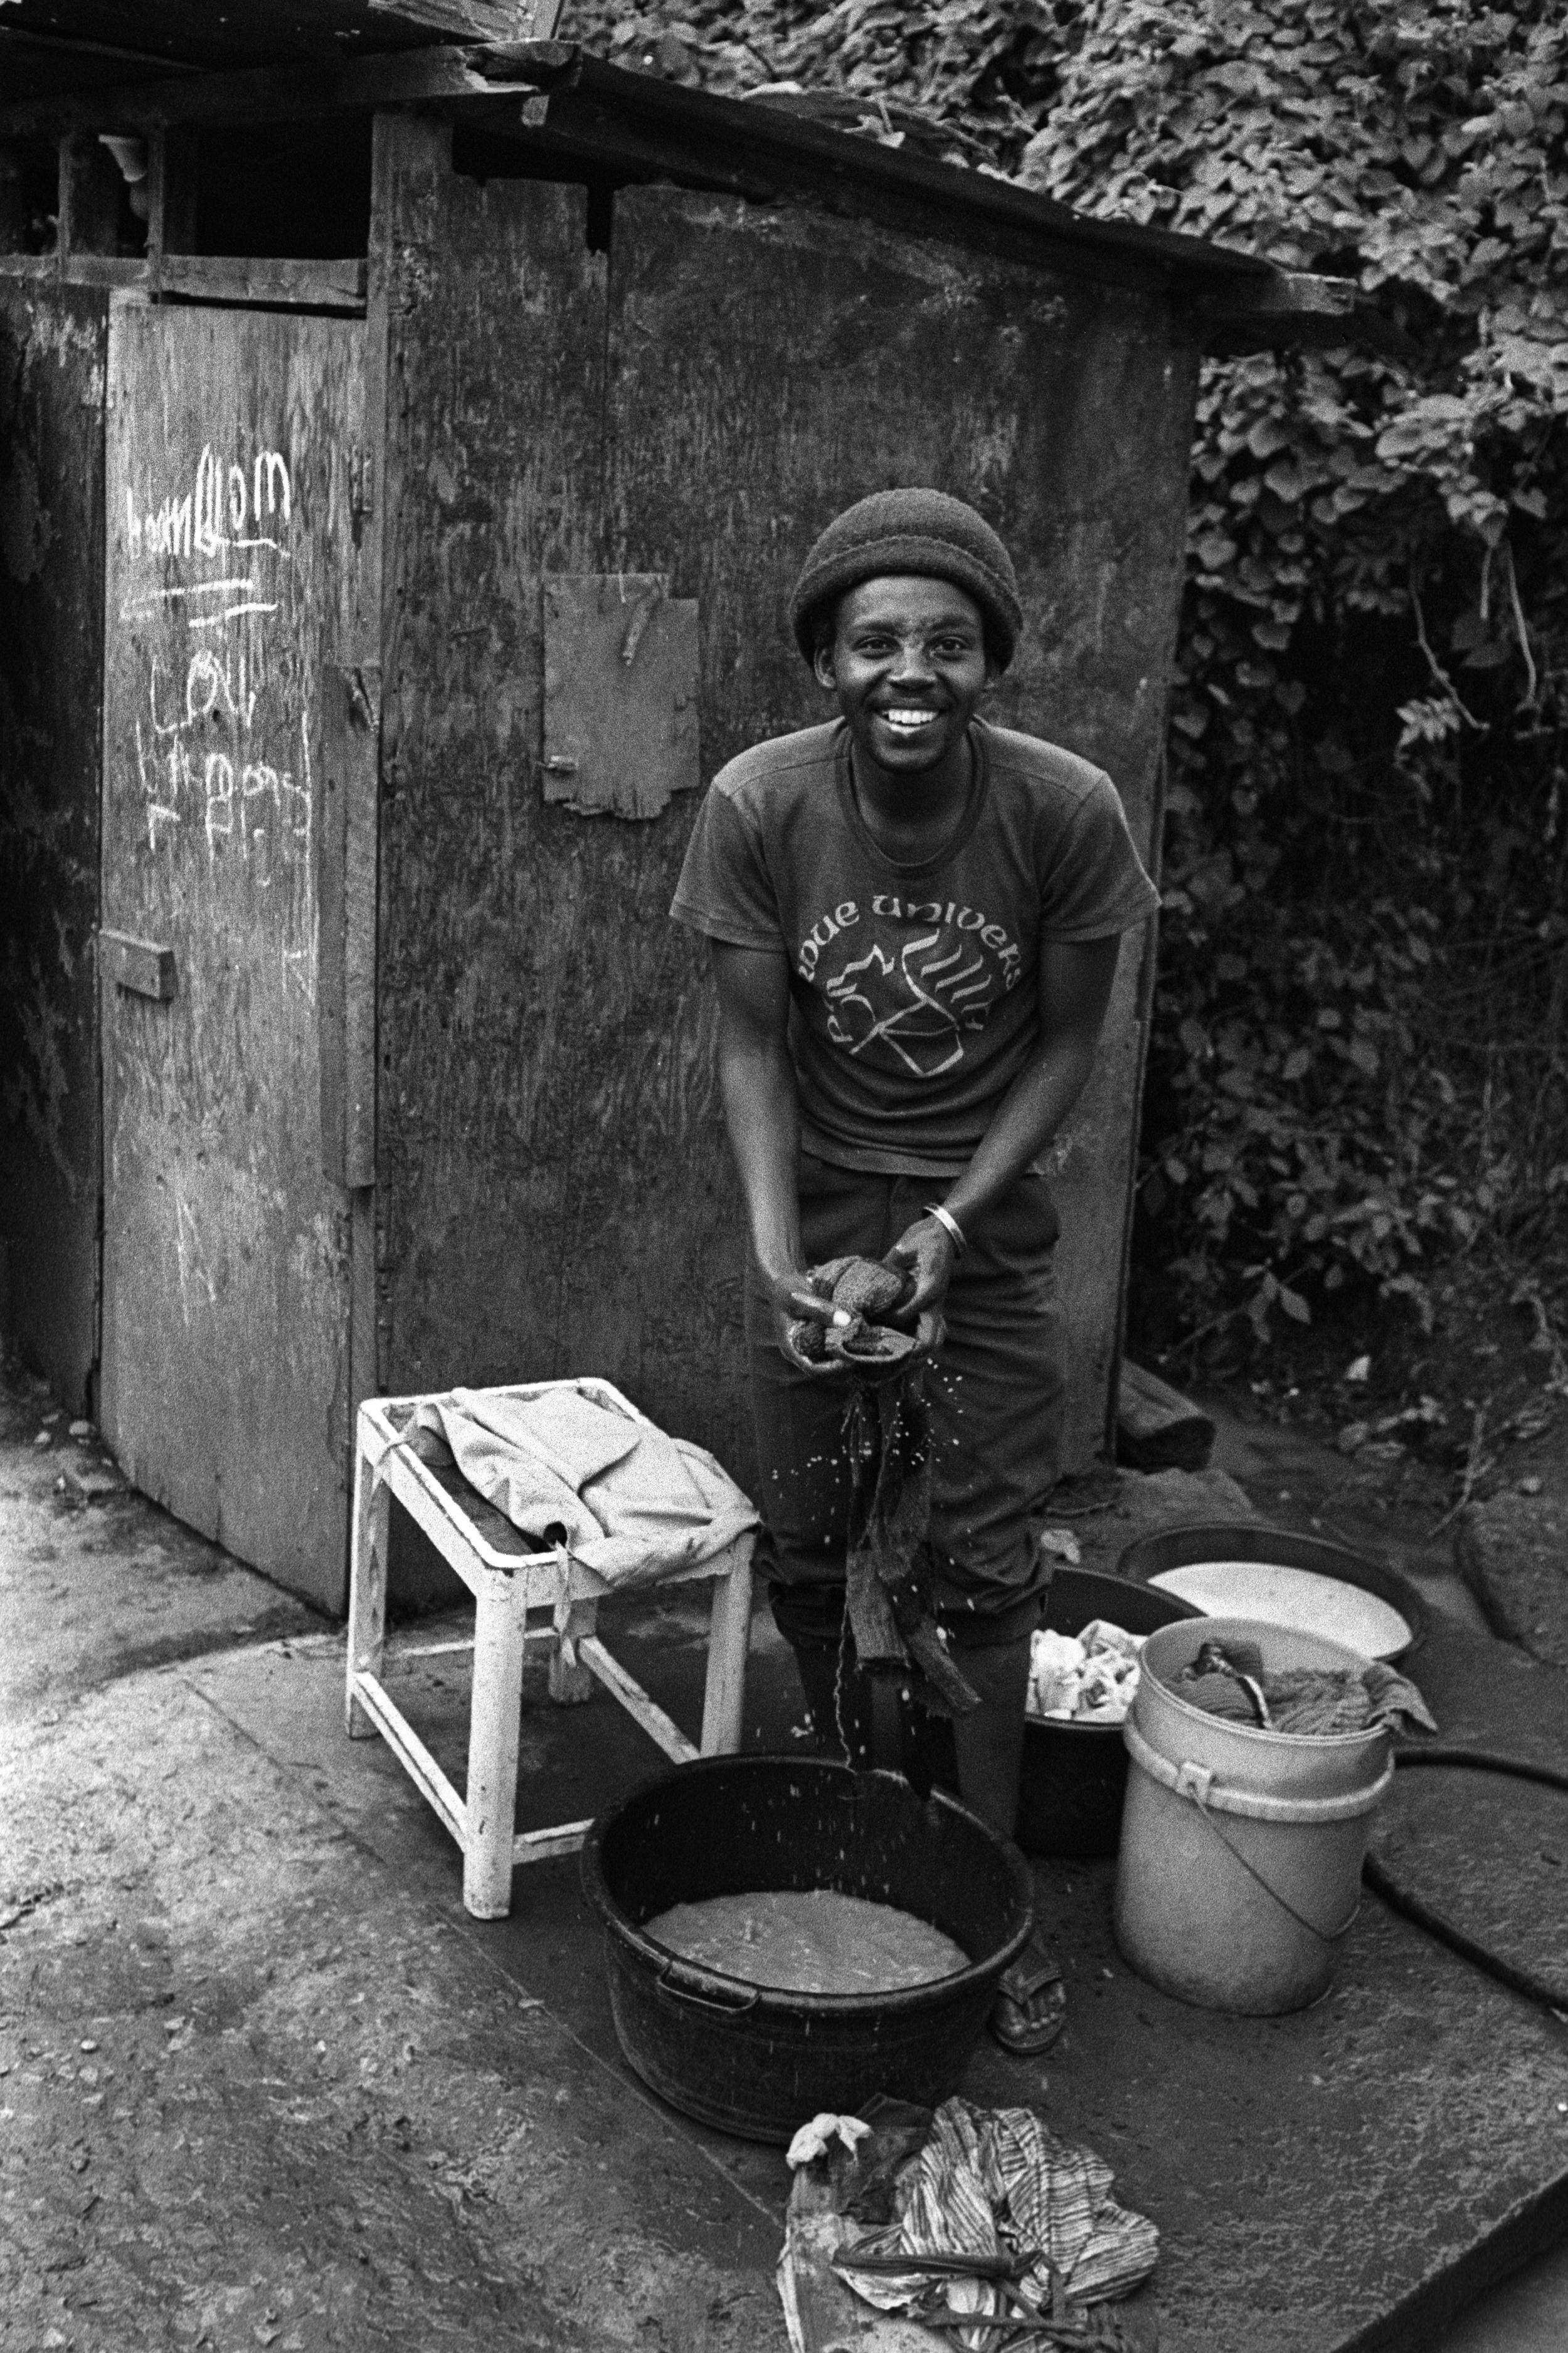 Edward Njenga